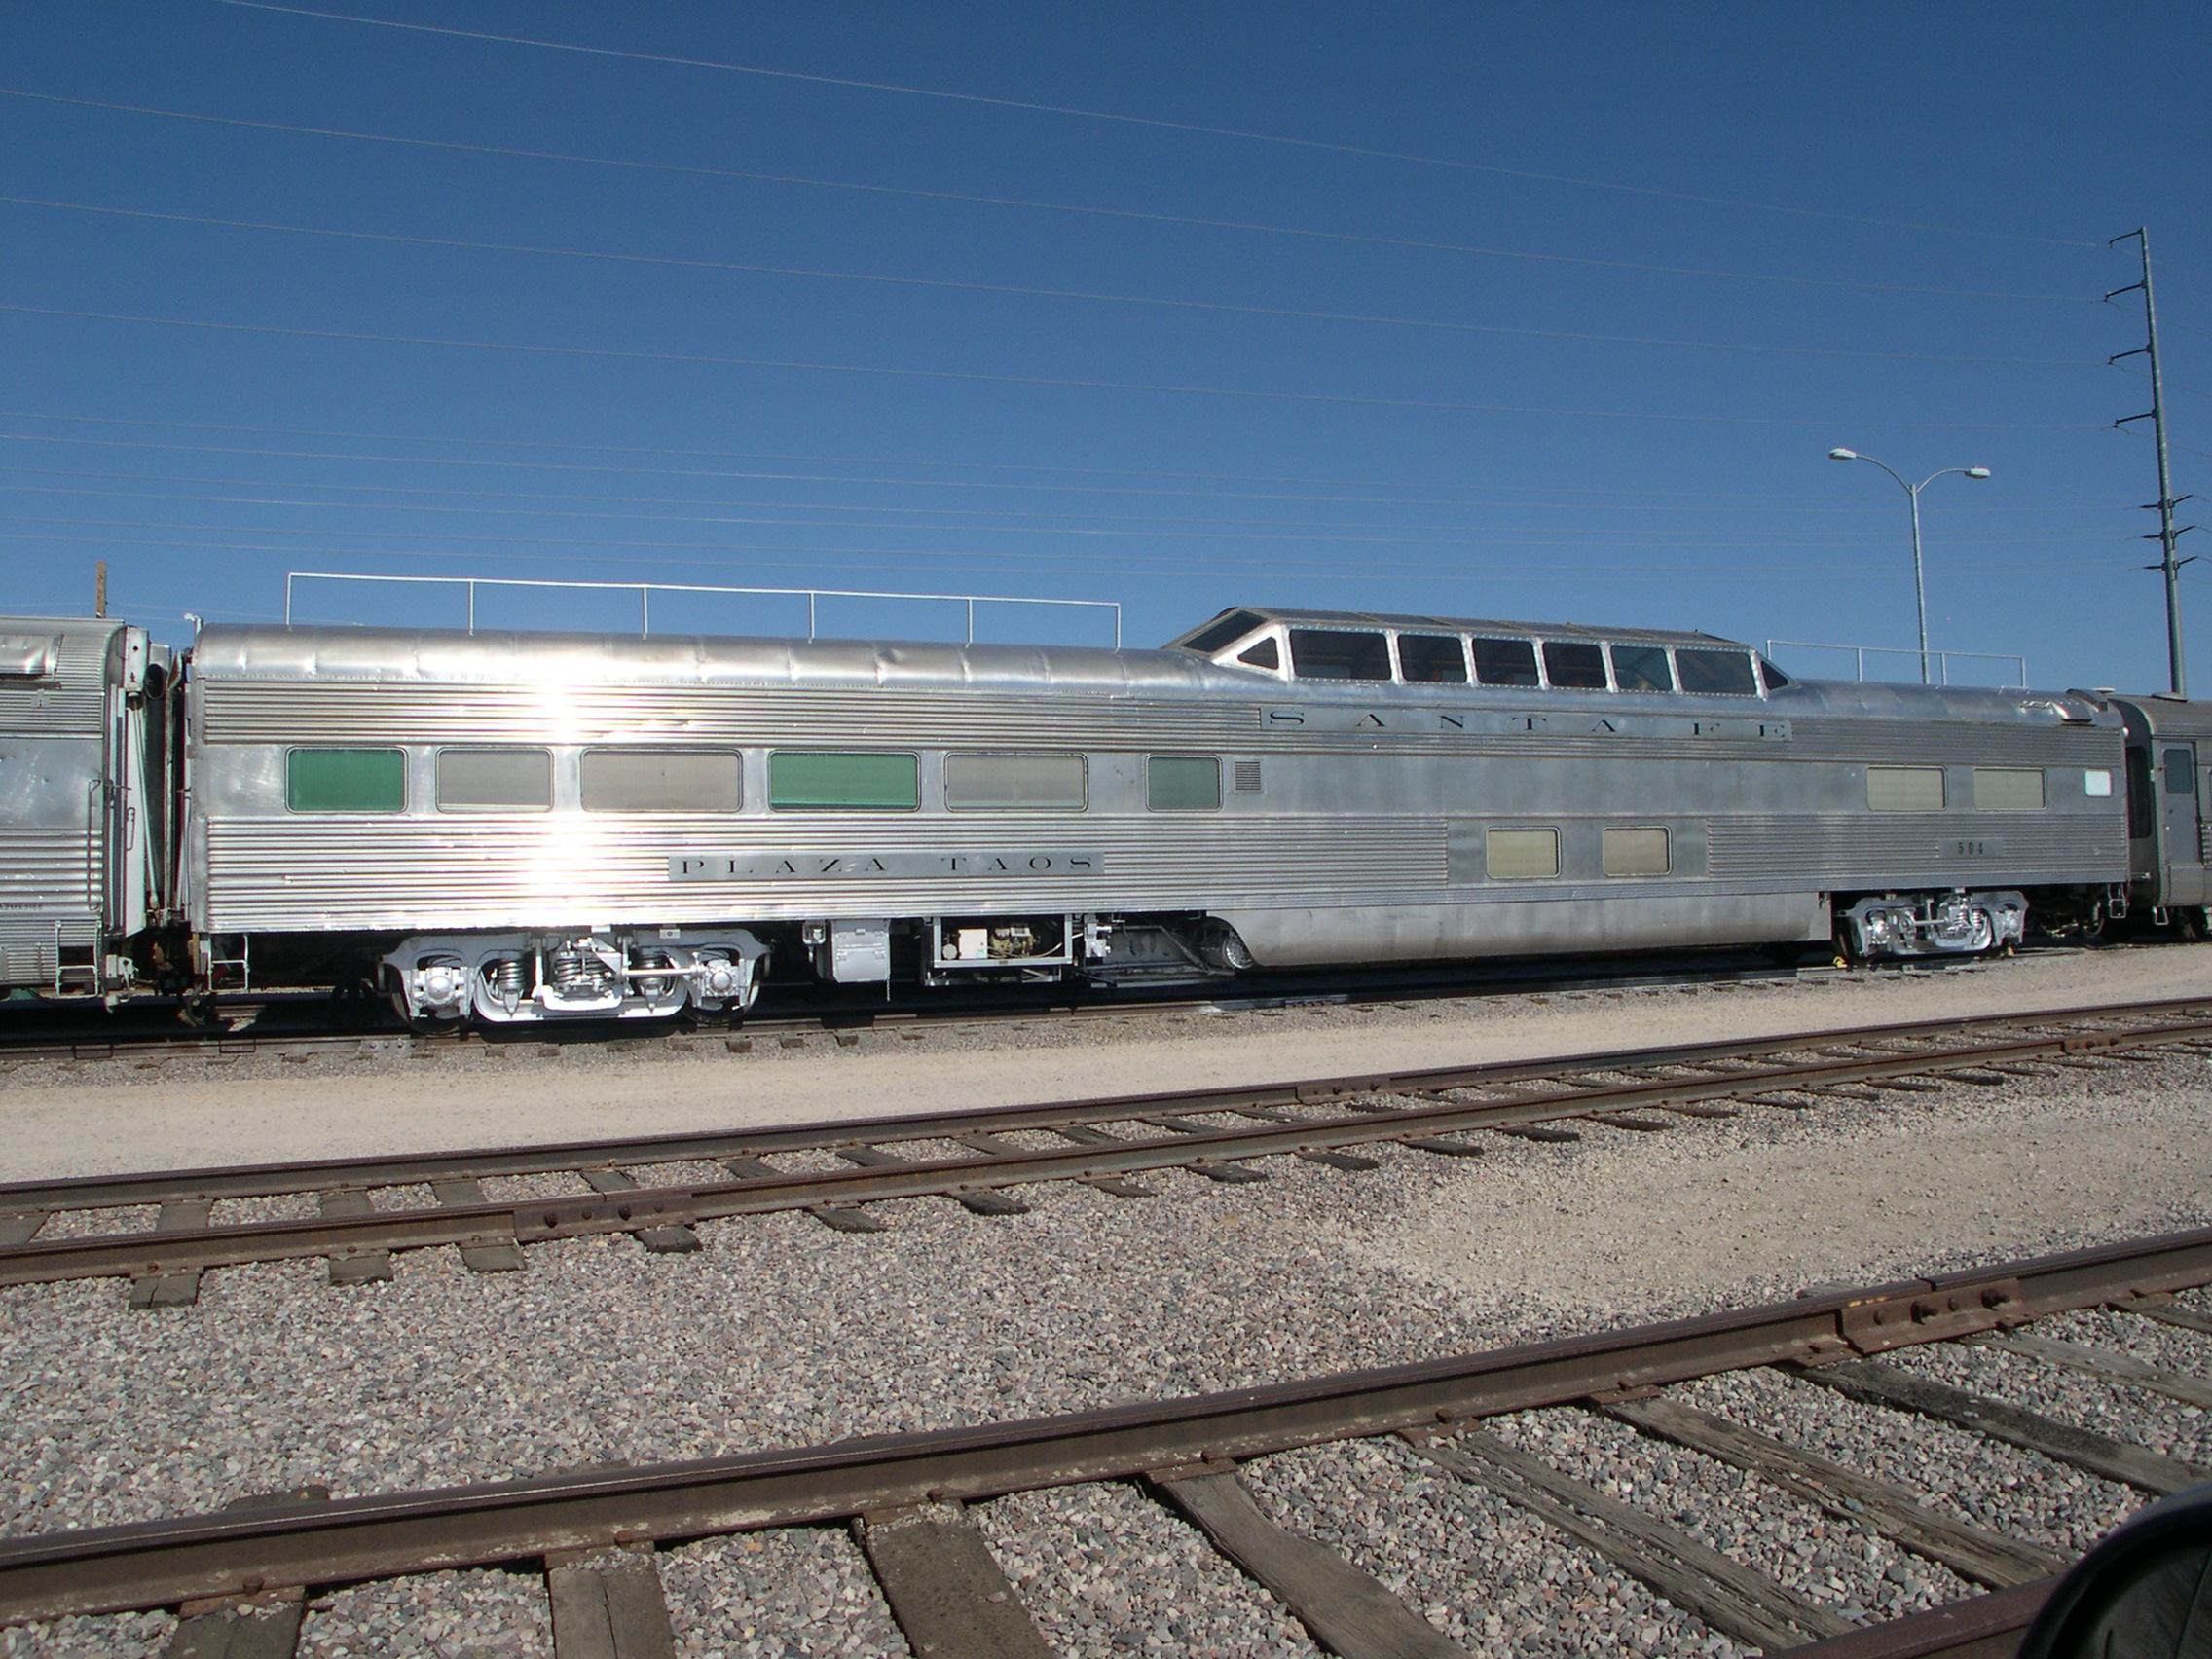 Santa Fe Dome Car